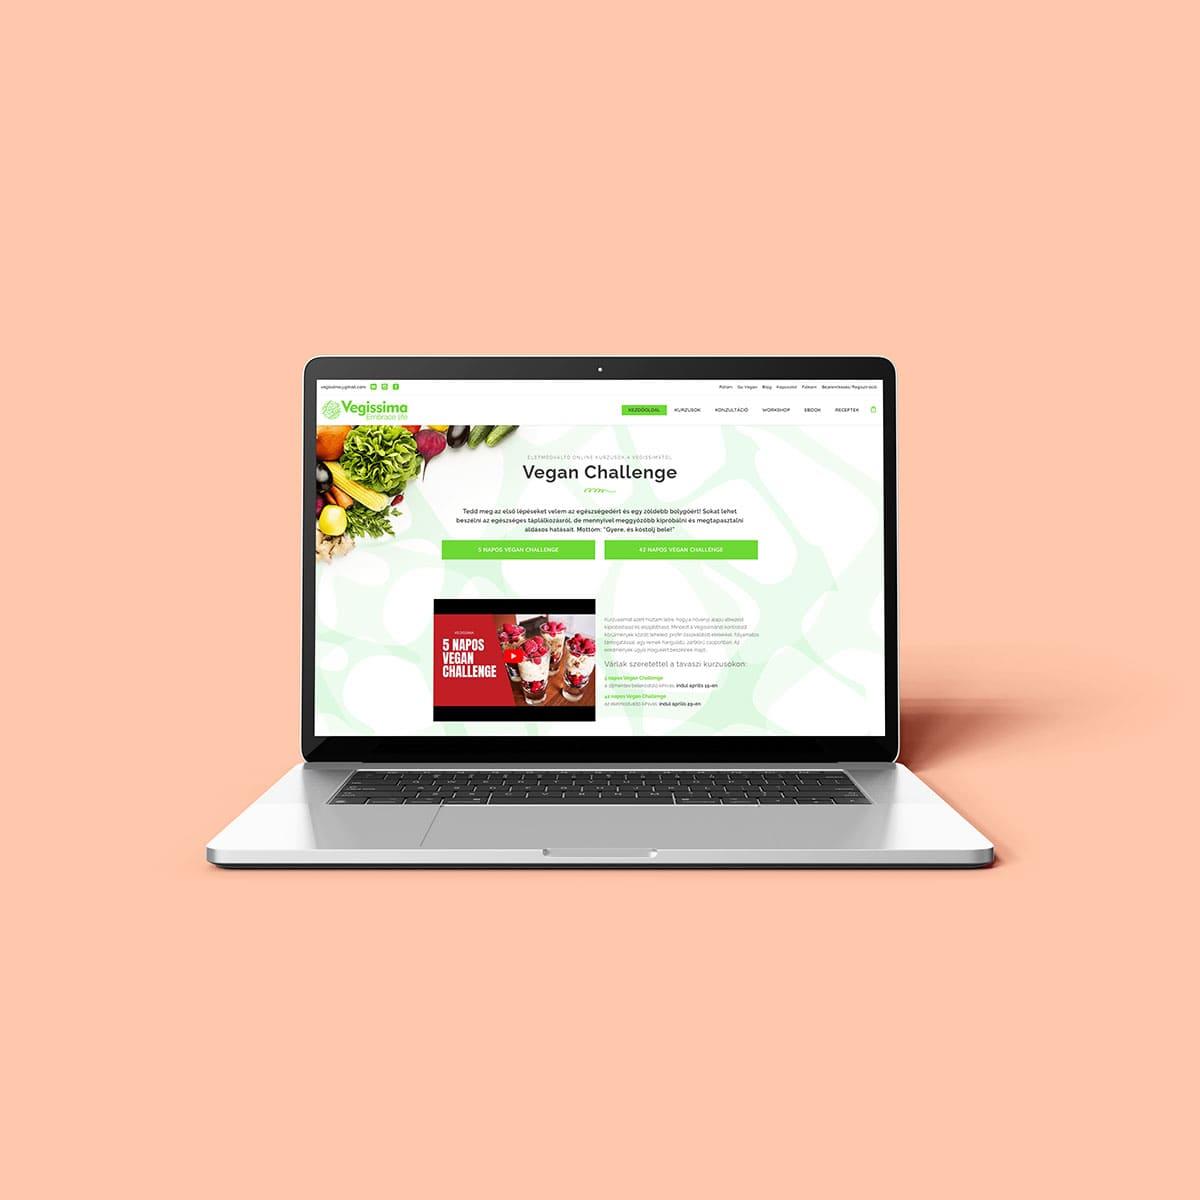 Vegissima WordPress weboldal kurzuskezelővel és webáruház funkcióval